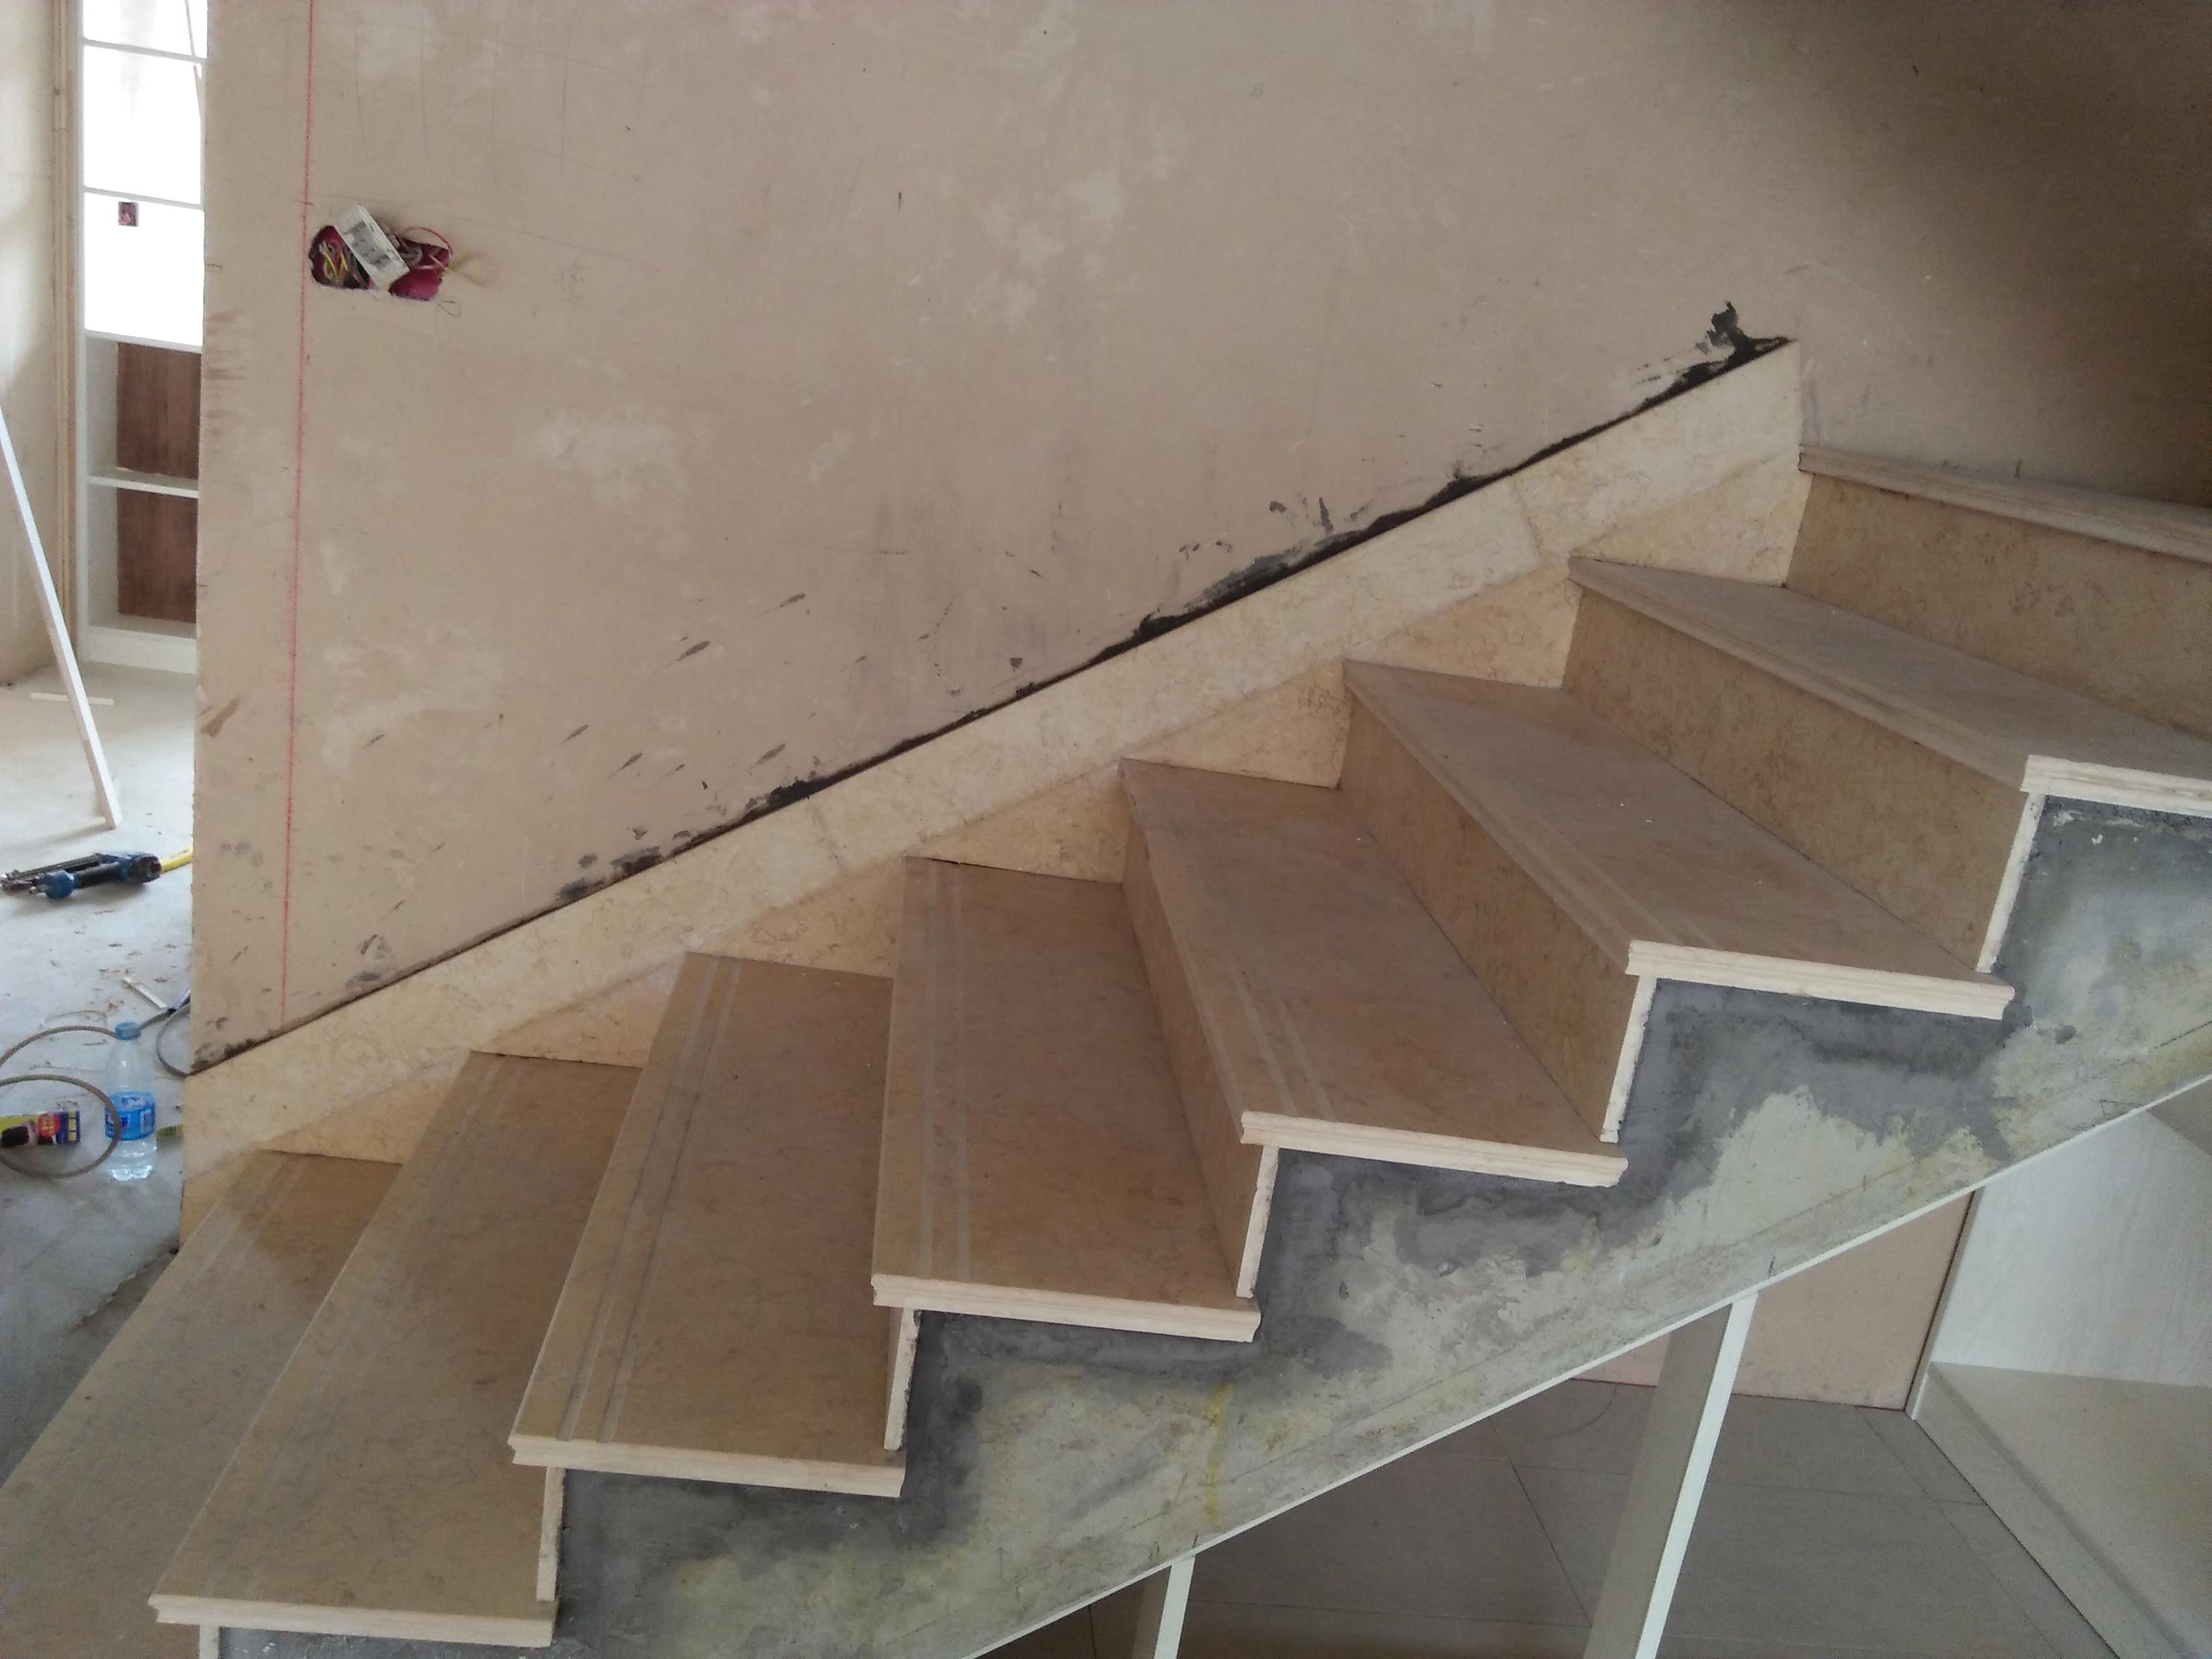 淮安 金碧辉煌 大理石 石材台面 楼梯